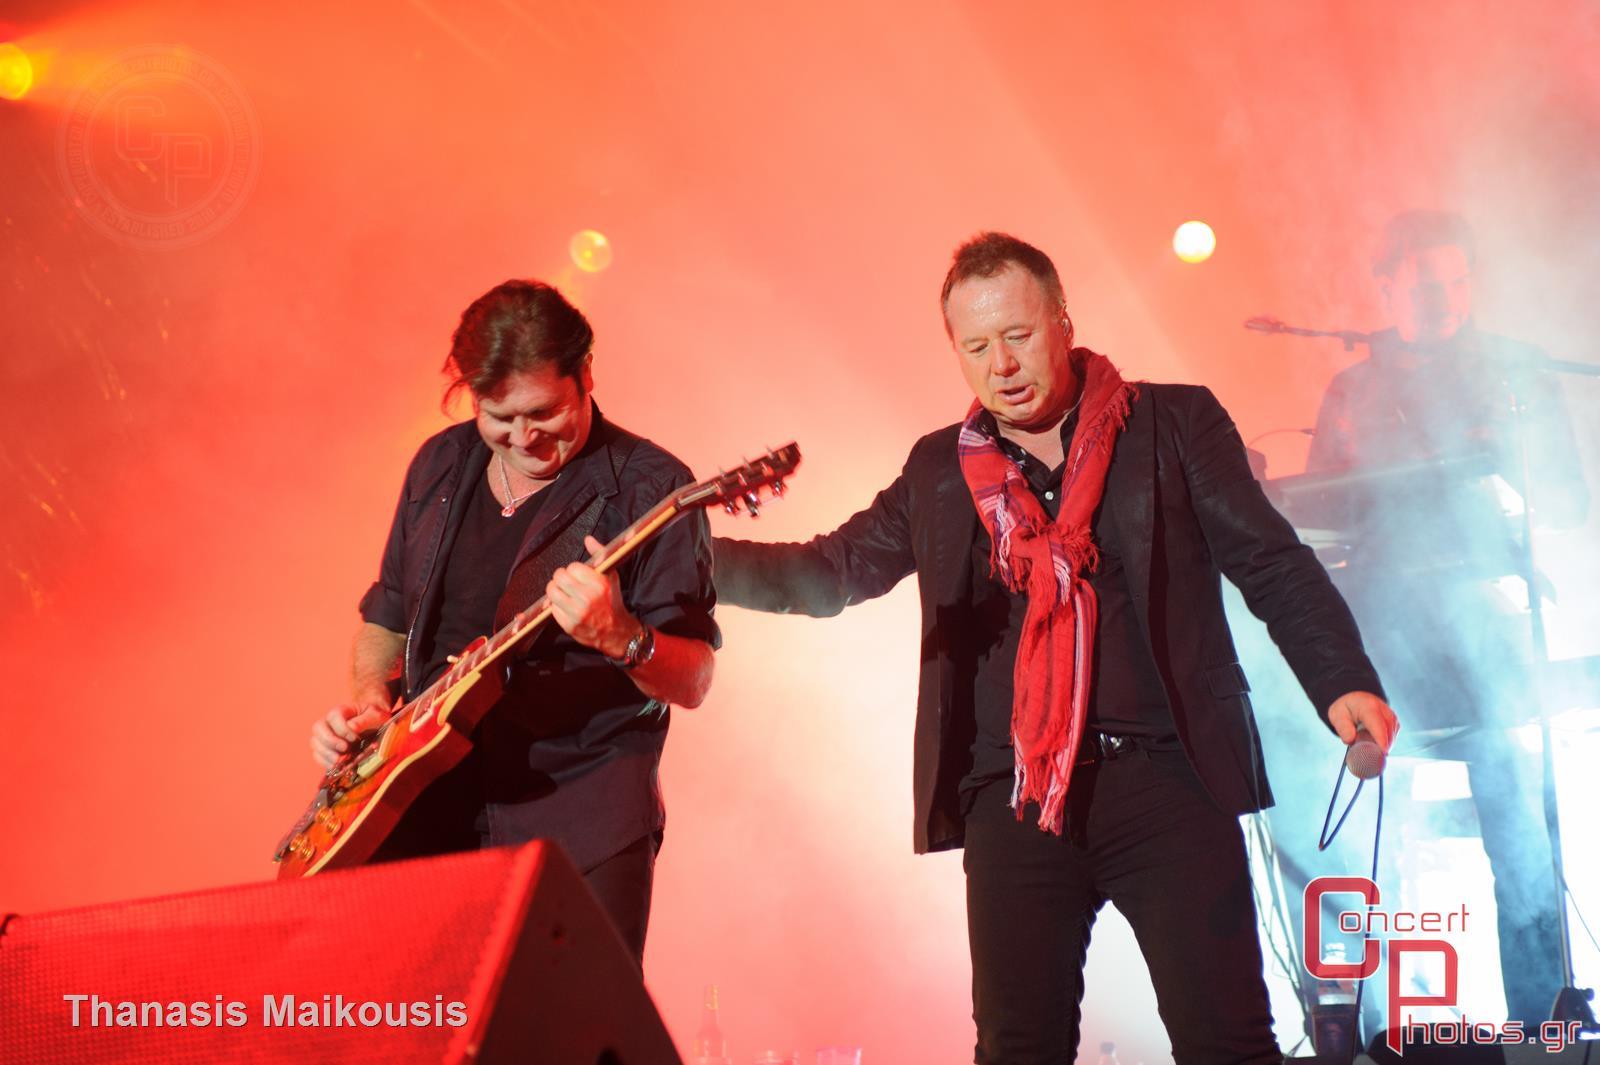 En Lefko 2014-En Lefko 2014 photographer: Thanasis Maikousis - concertphotos_20140620_22_48_39